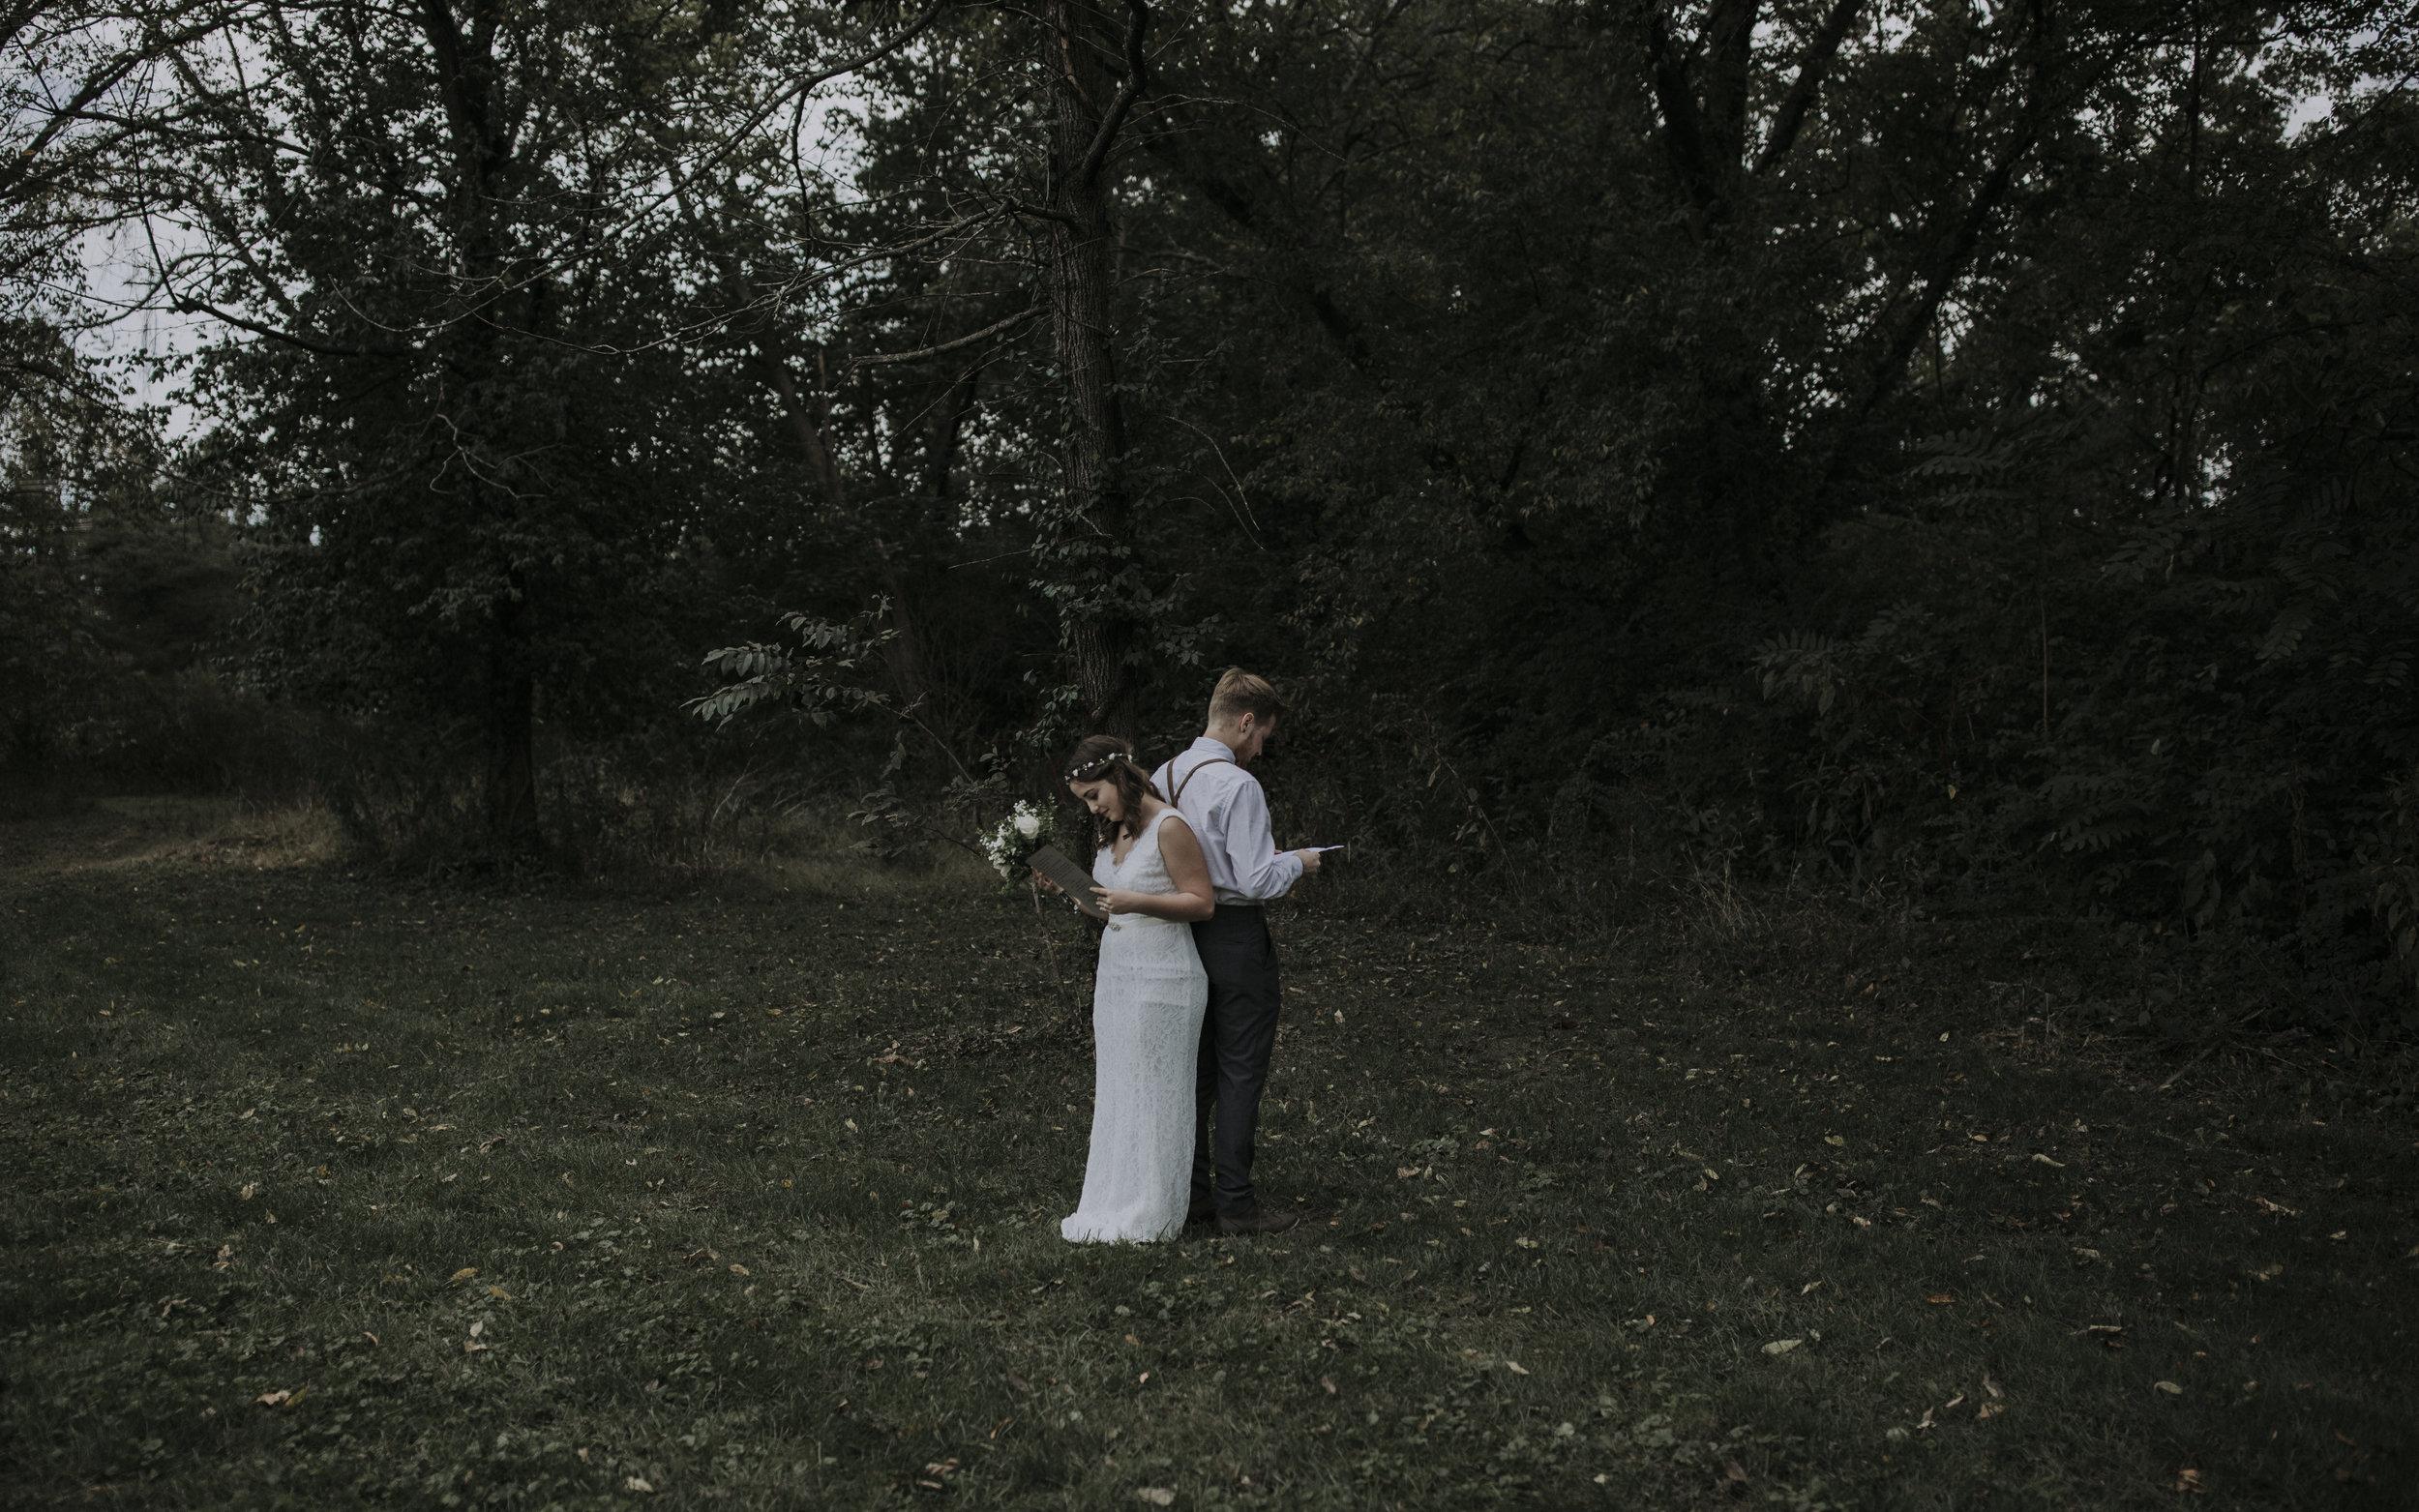 clay-and-sherilyn-wedding-73.jpg